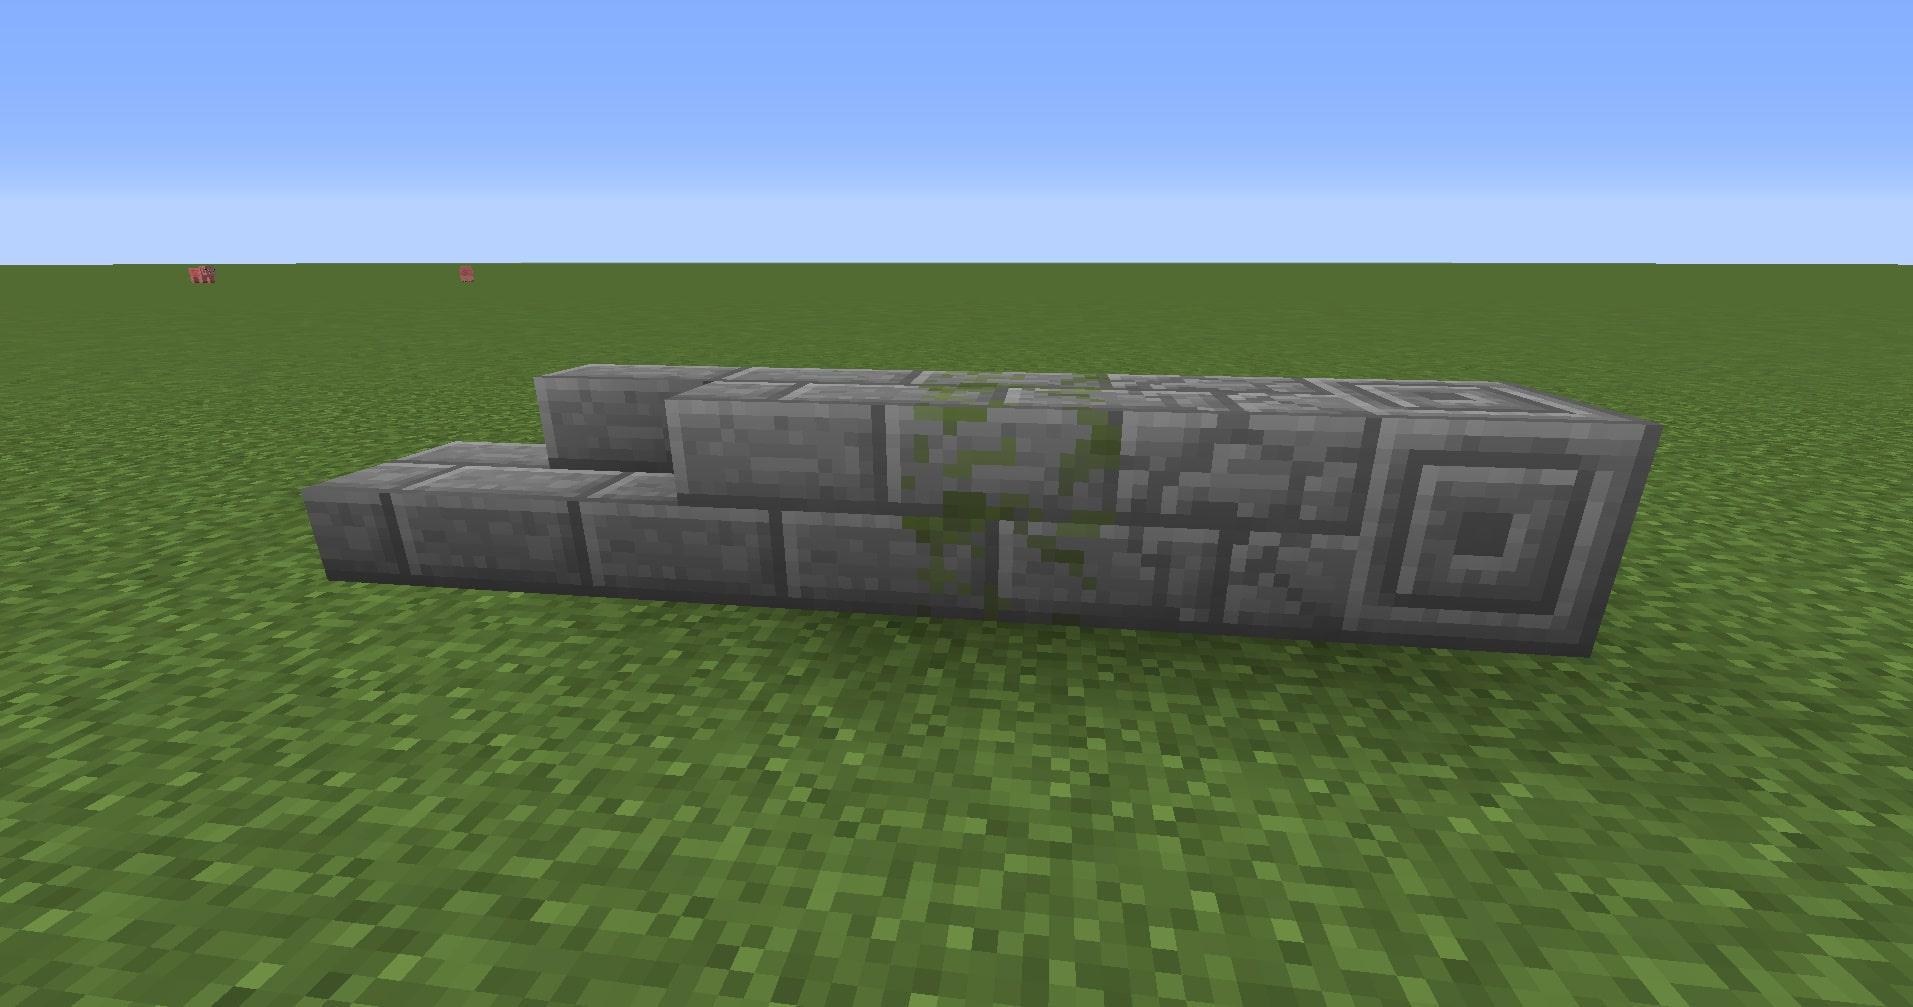 マインクラフト攻略 石レンガブロックの使い方